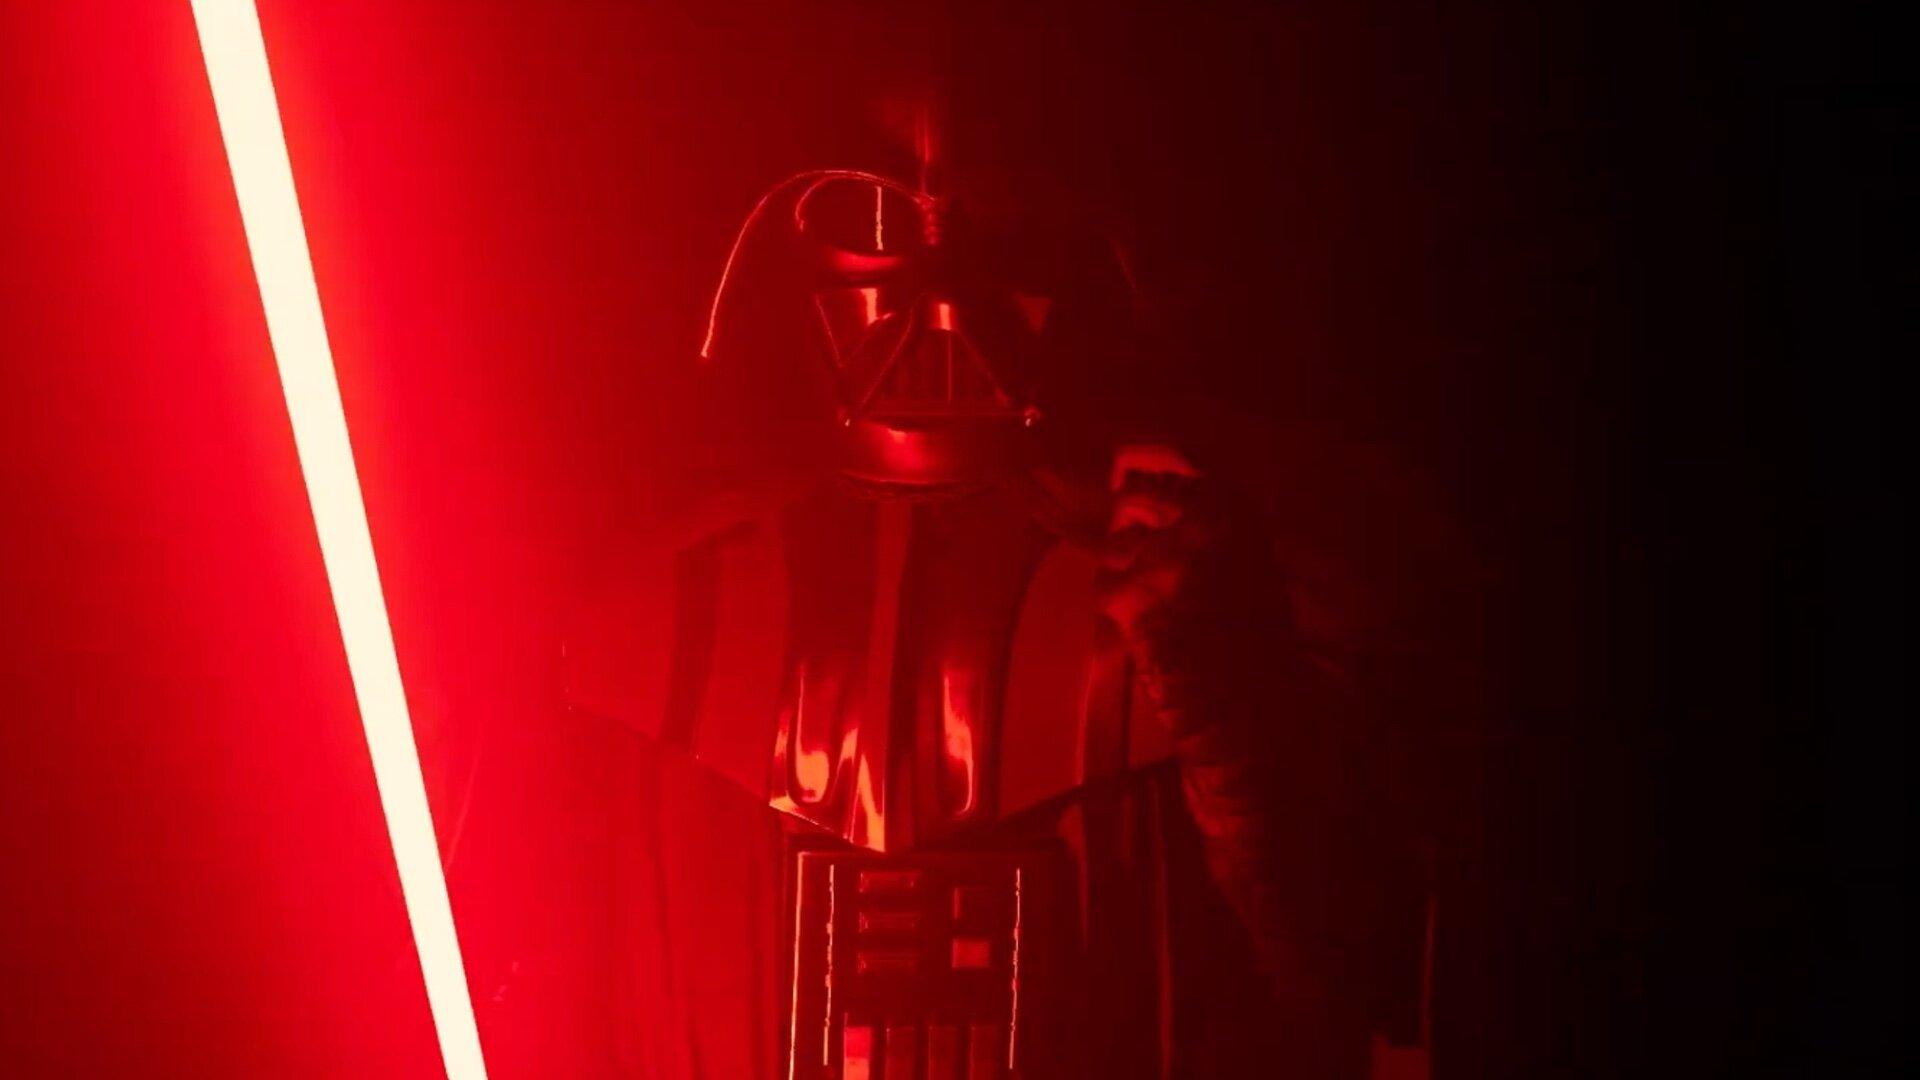 Grab Darth Vader S Lightsaber For Just 13 And Show Luke Skywalker